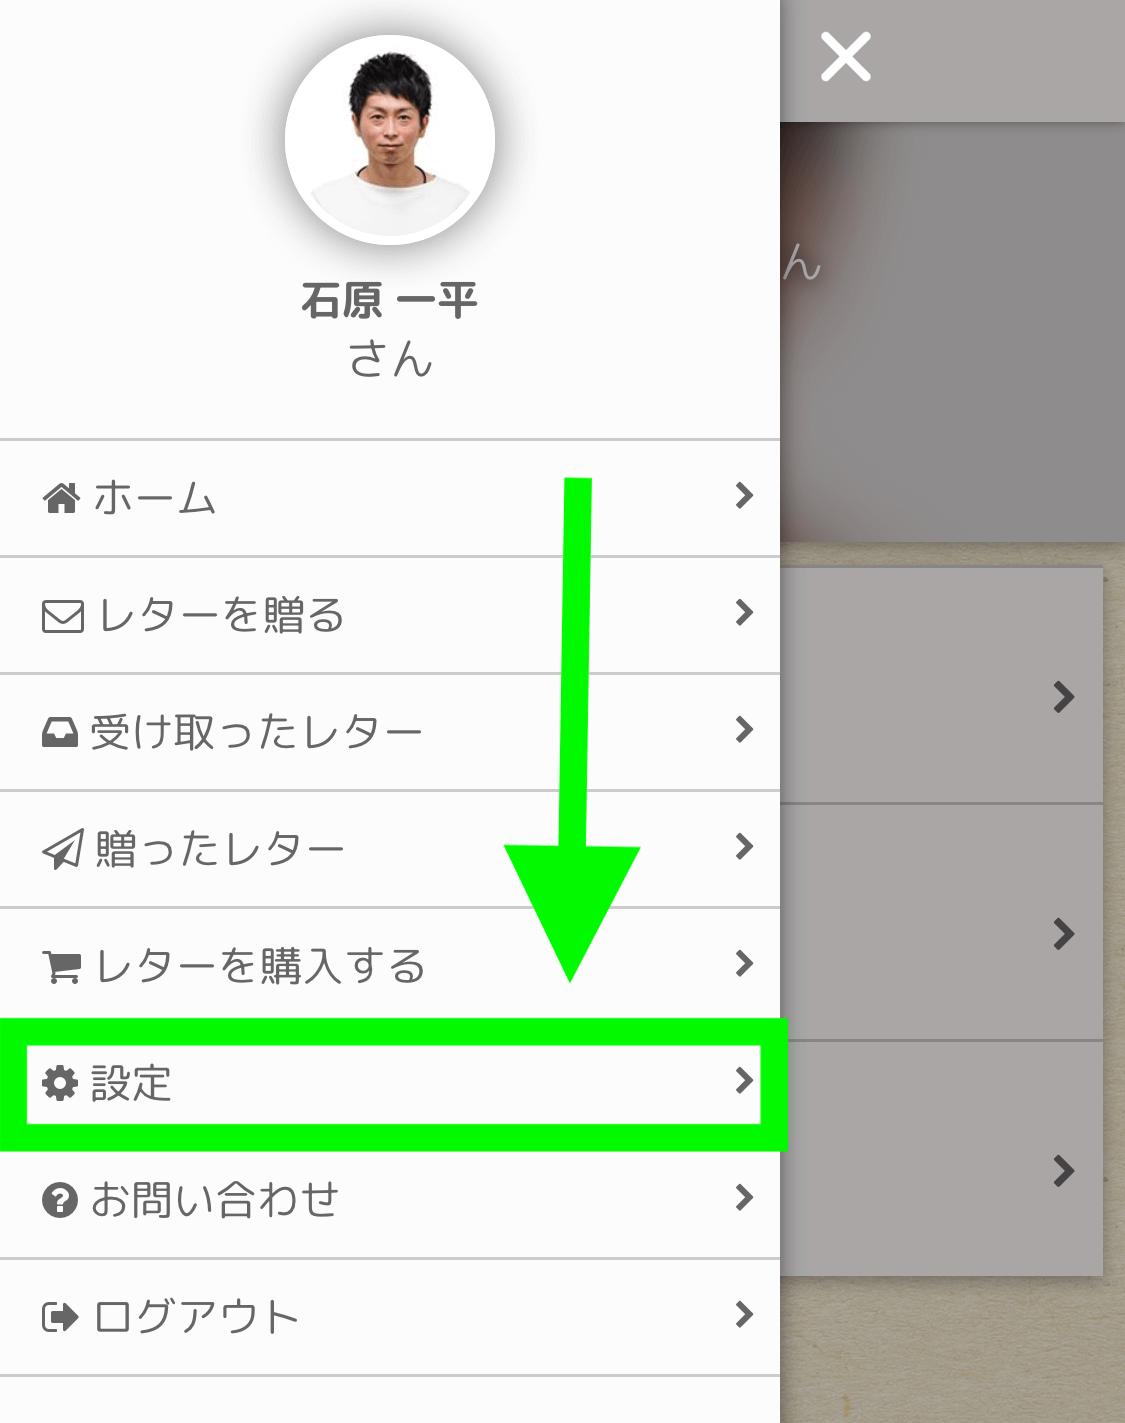 レターポットのユーザー設定2の画像